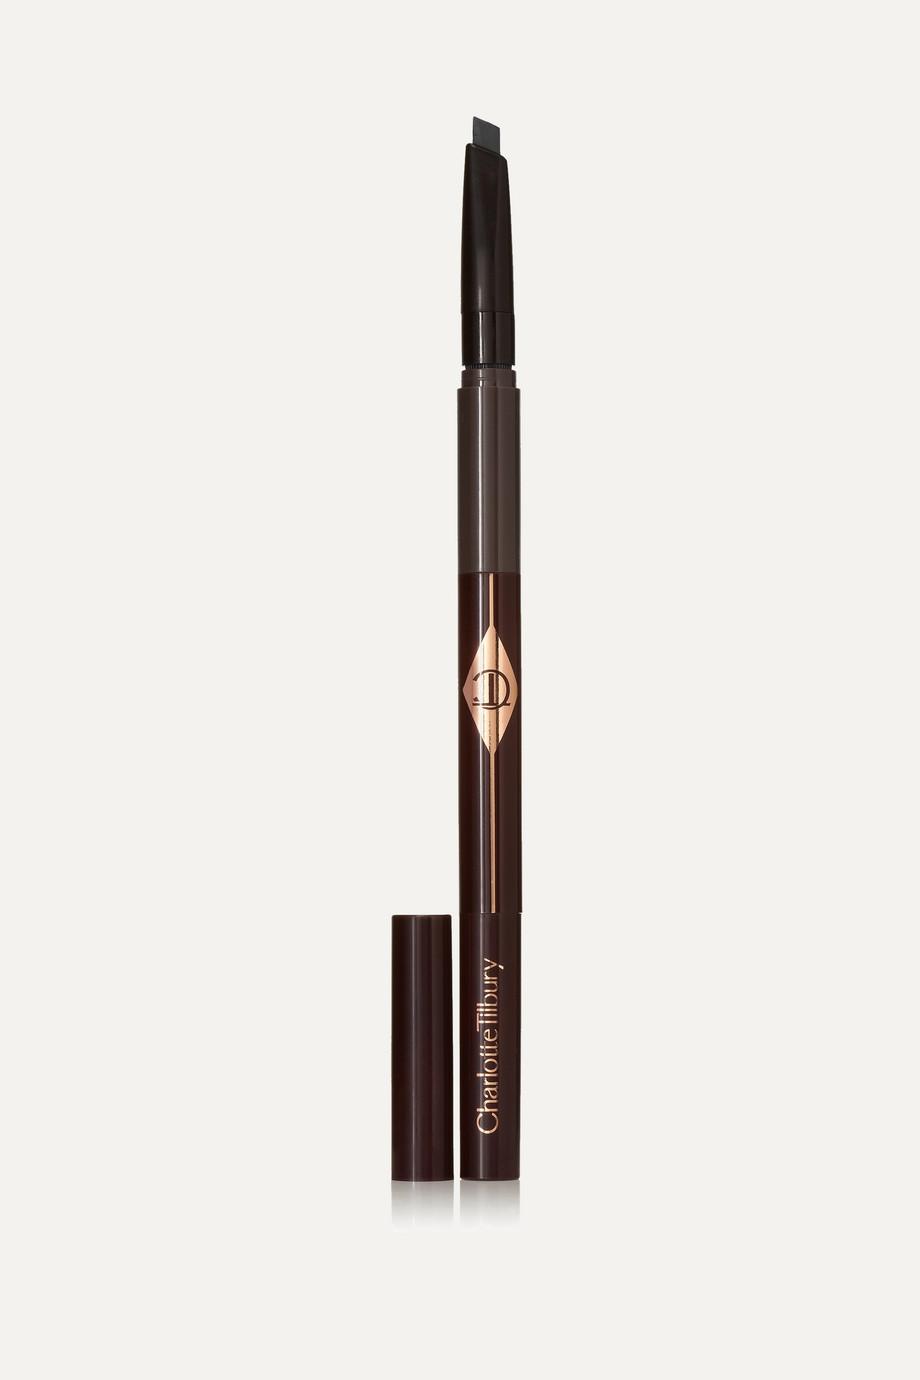 Charlotte Tilbury Brow Lift – Perfect Brow – Augenbrauenstift